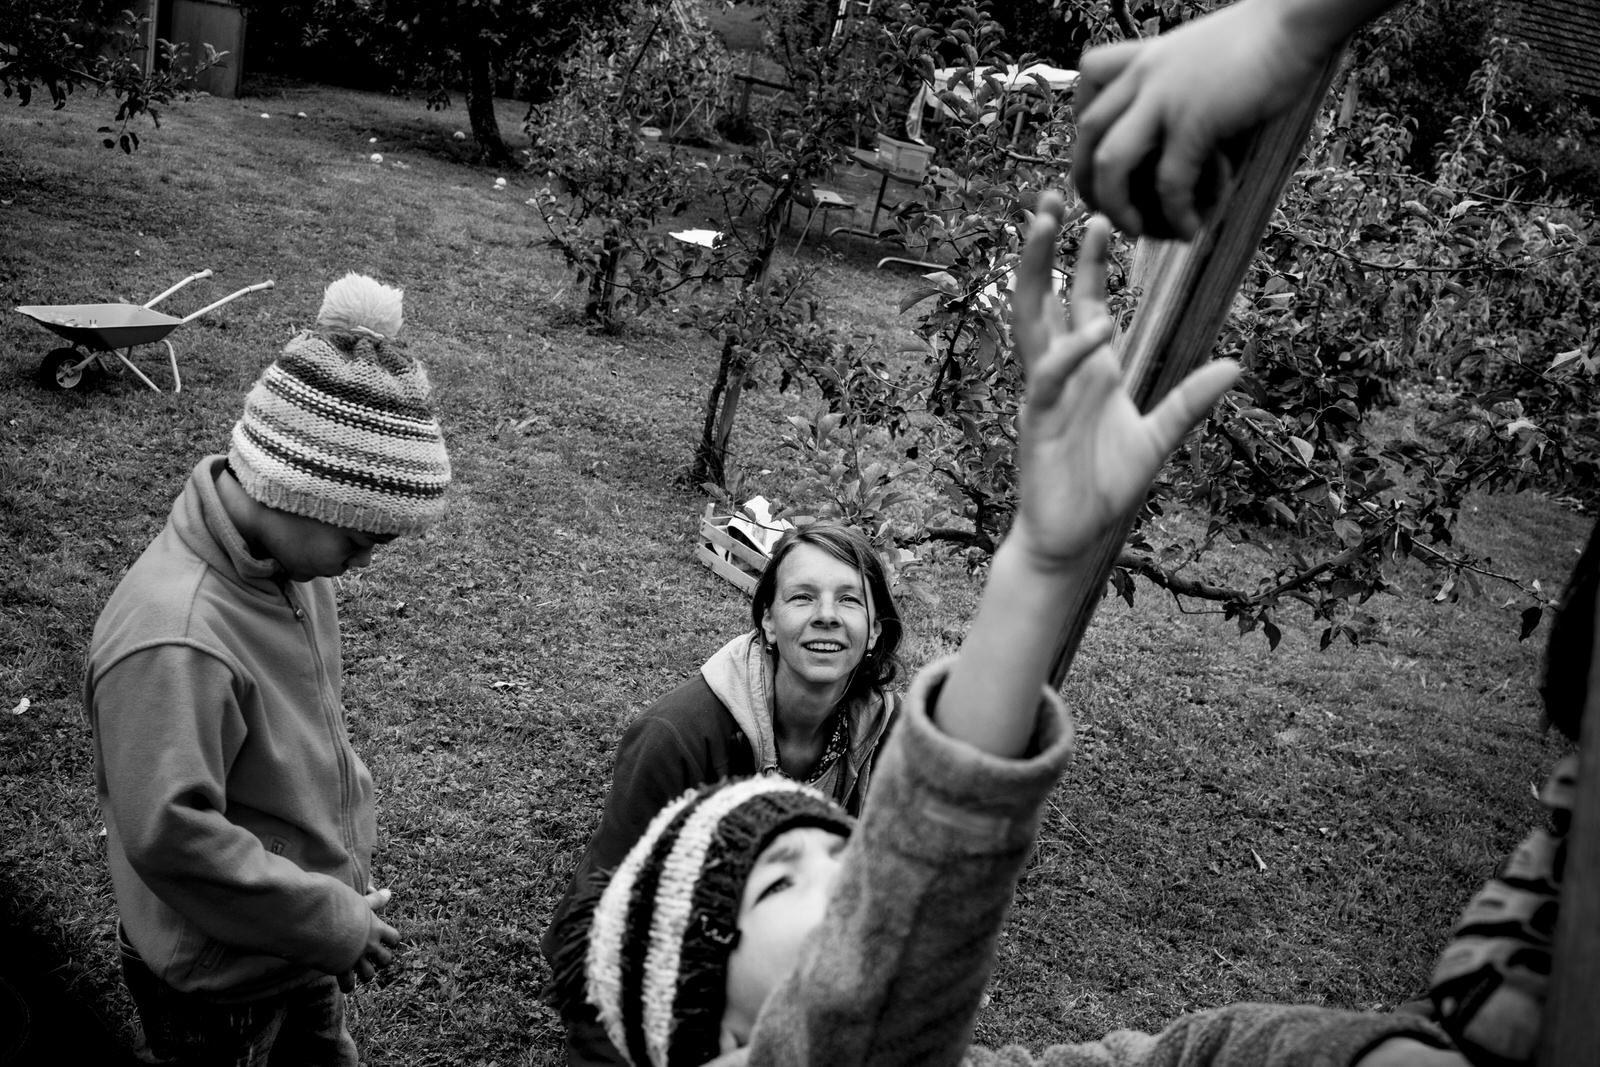 Birnenernte Familie - Familienfotografin unterwegs | Familienfotos drinnen und draussen